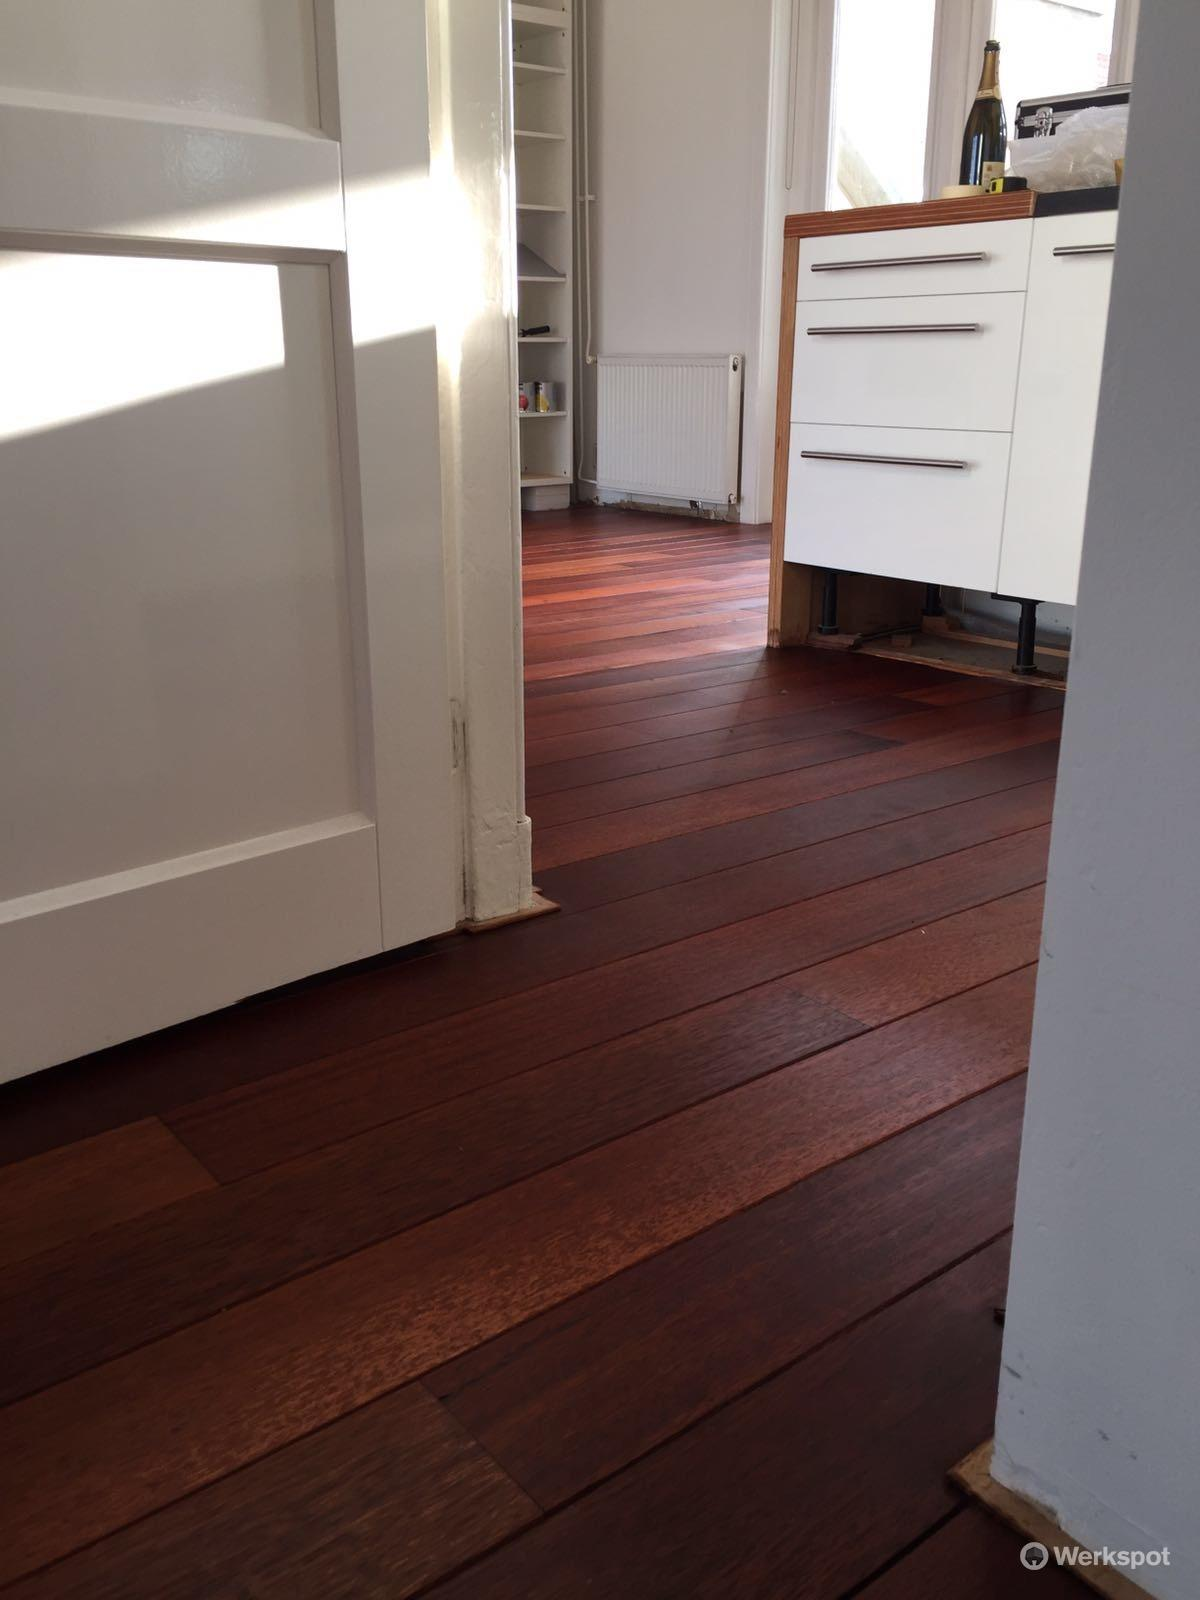 Schuren en oli n merbau houten vloerdelen werkspot for Tafel schuren en olien